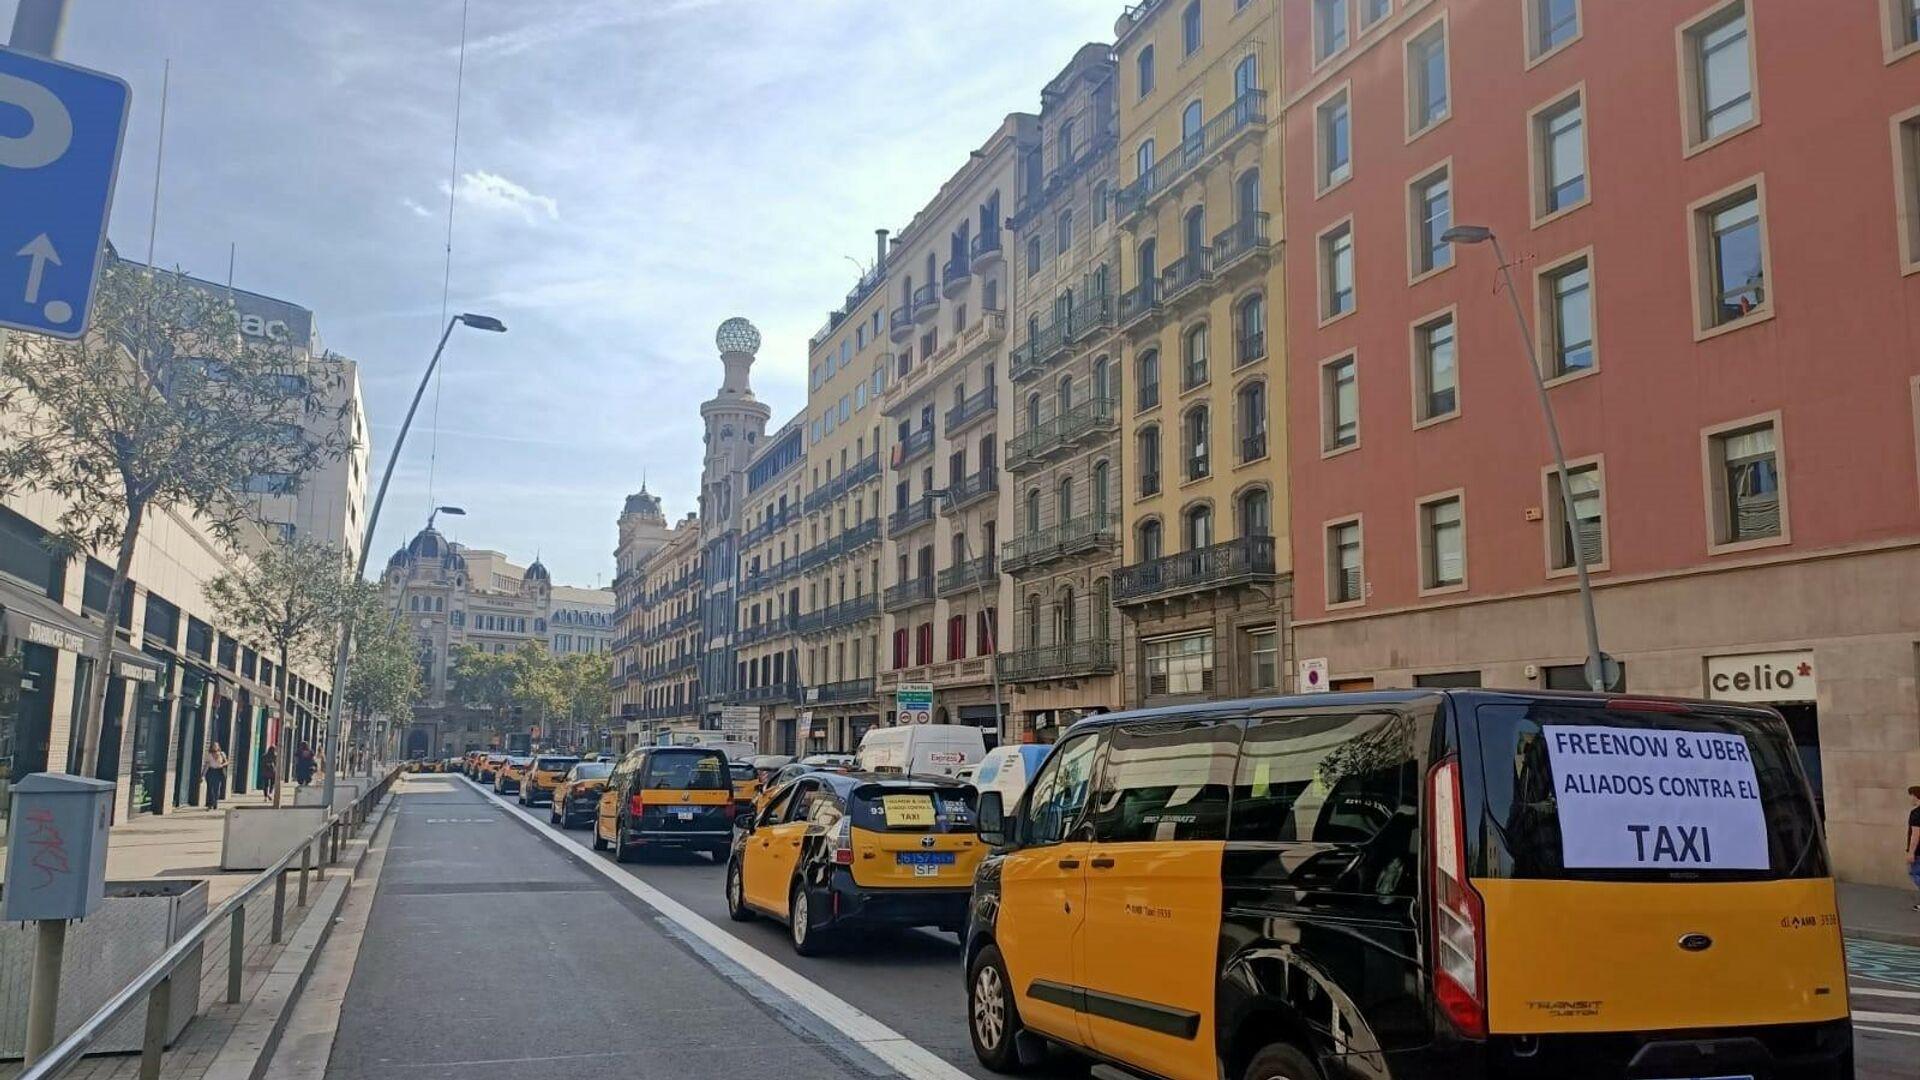 Taxistas protestan en Barcelona con una marcha lenta - Sputnik Mundo, 1920, 29.09.2021